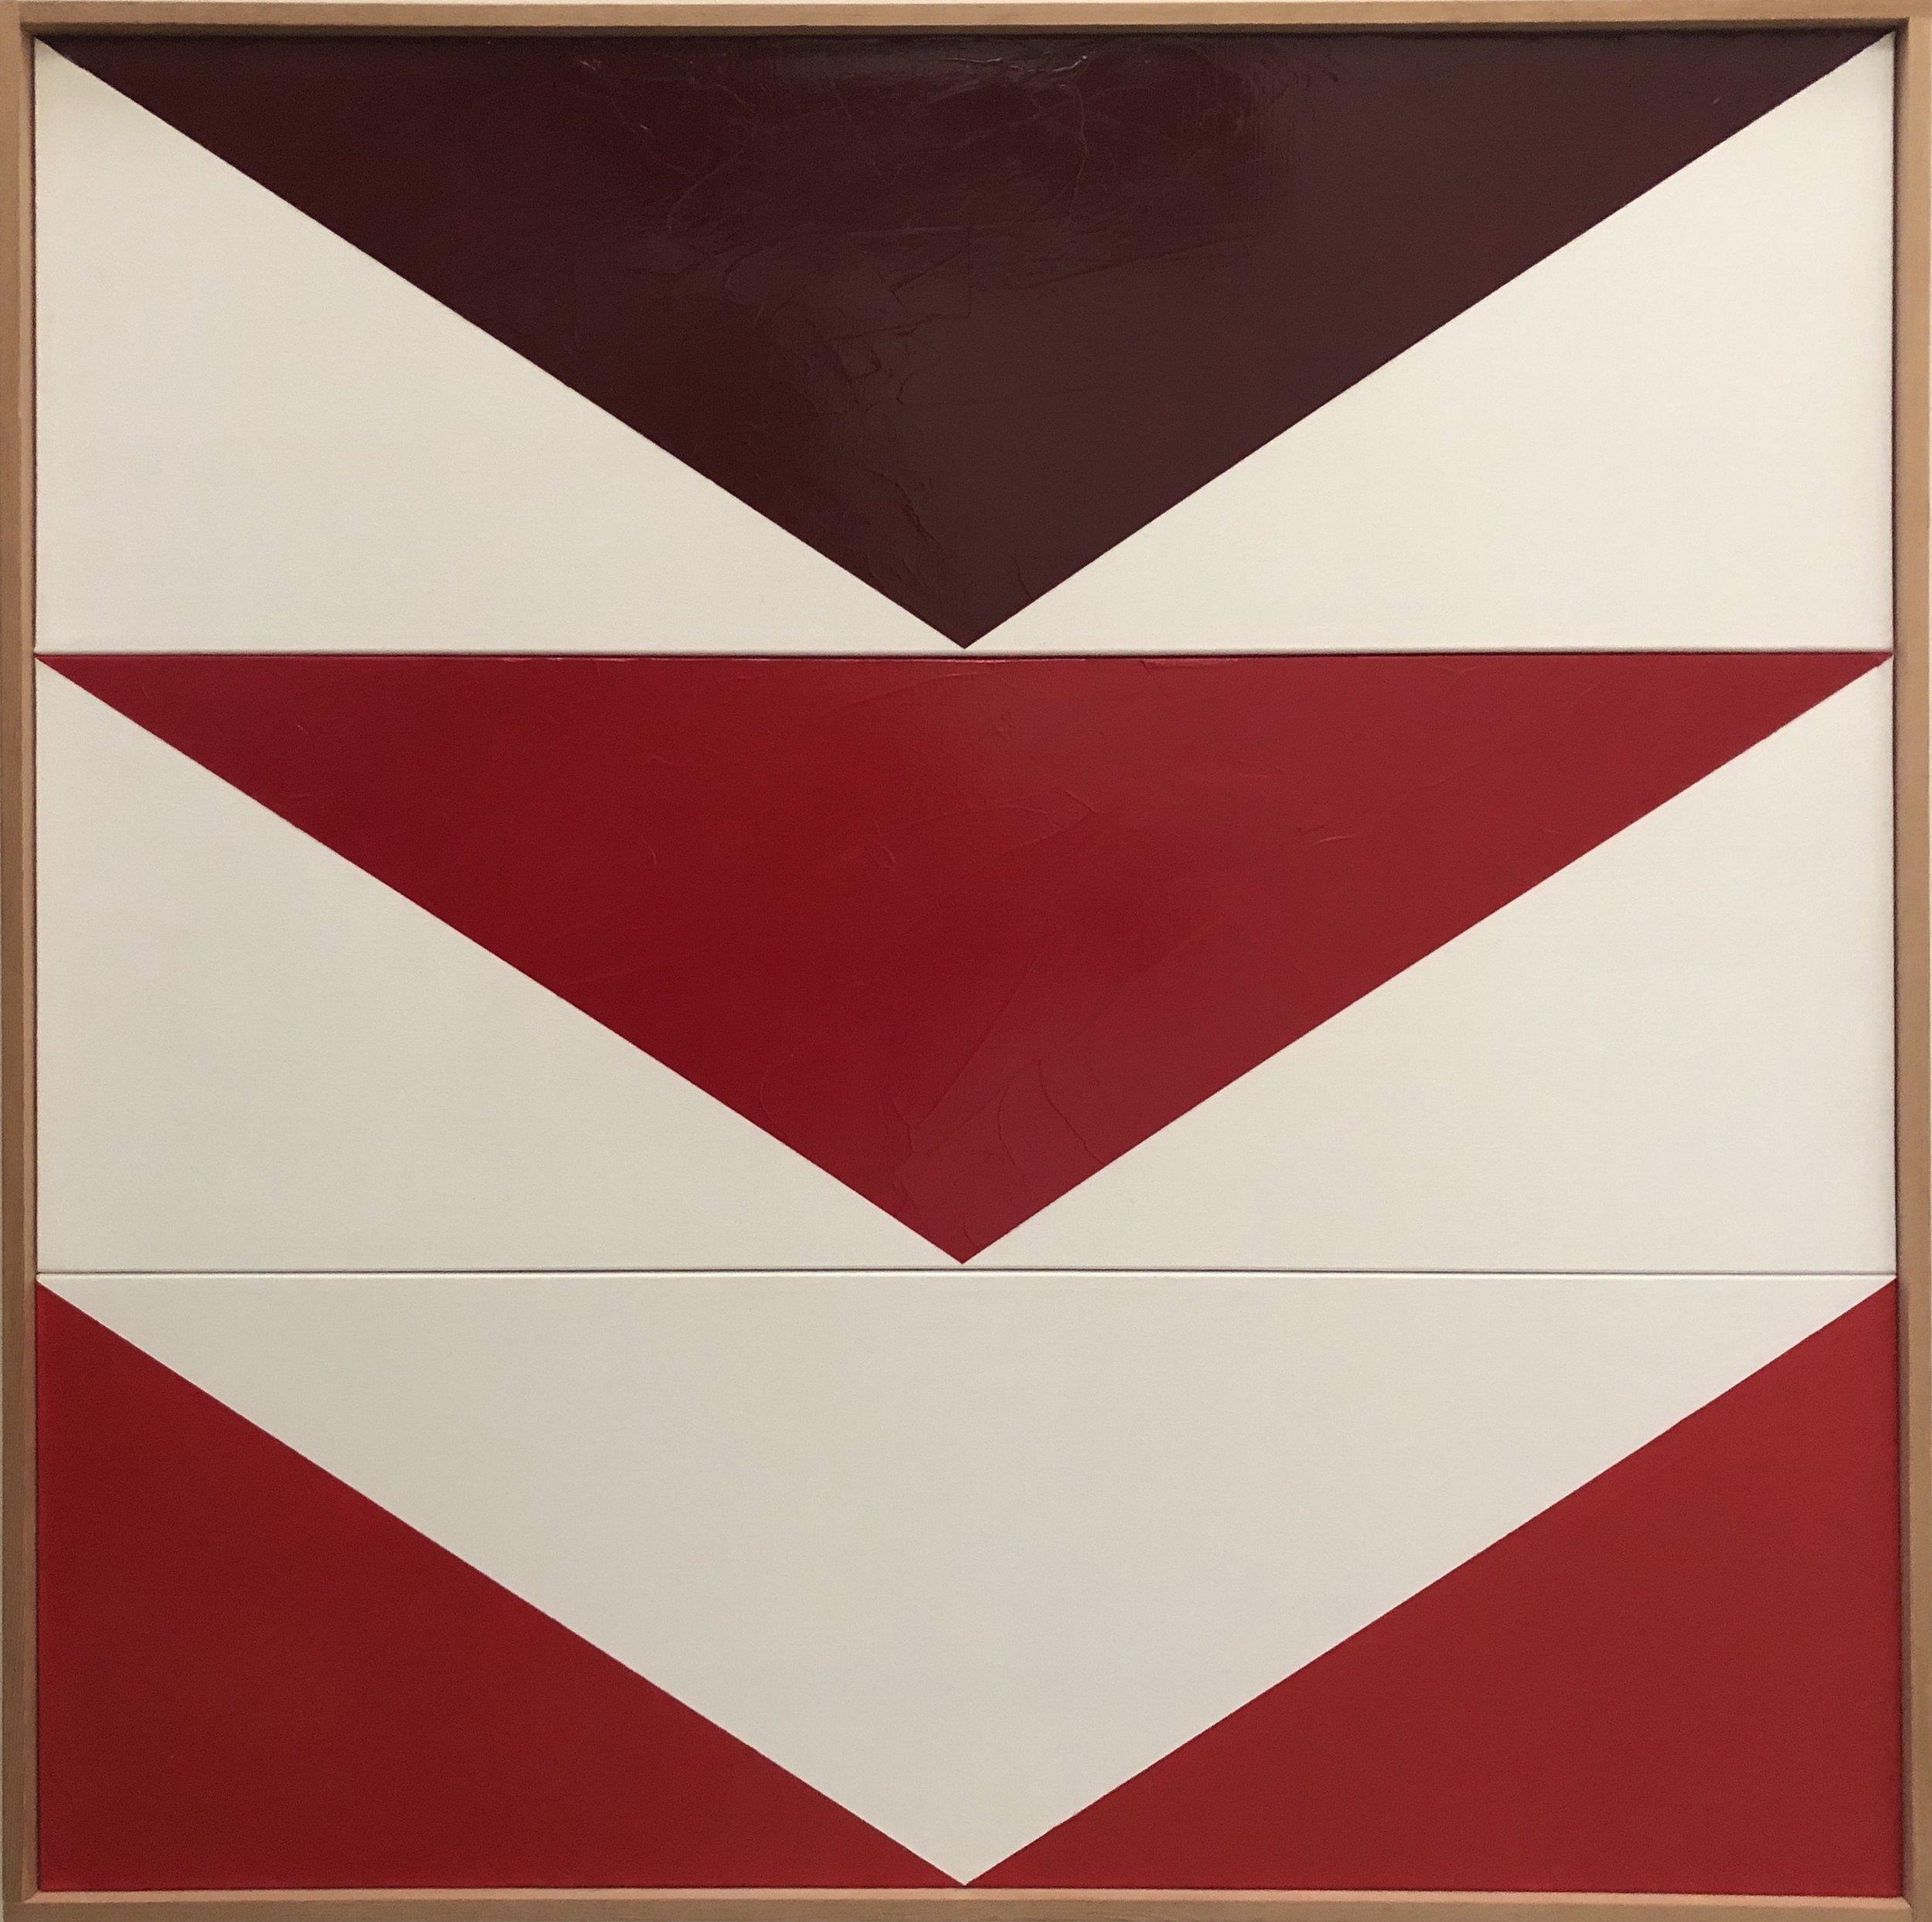 Red Arrow Triptych JET0575 - Image 1.JPG